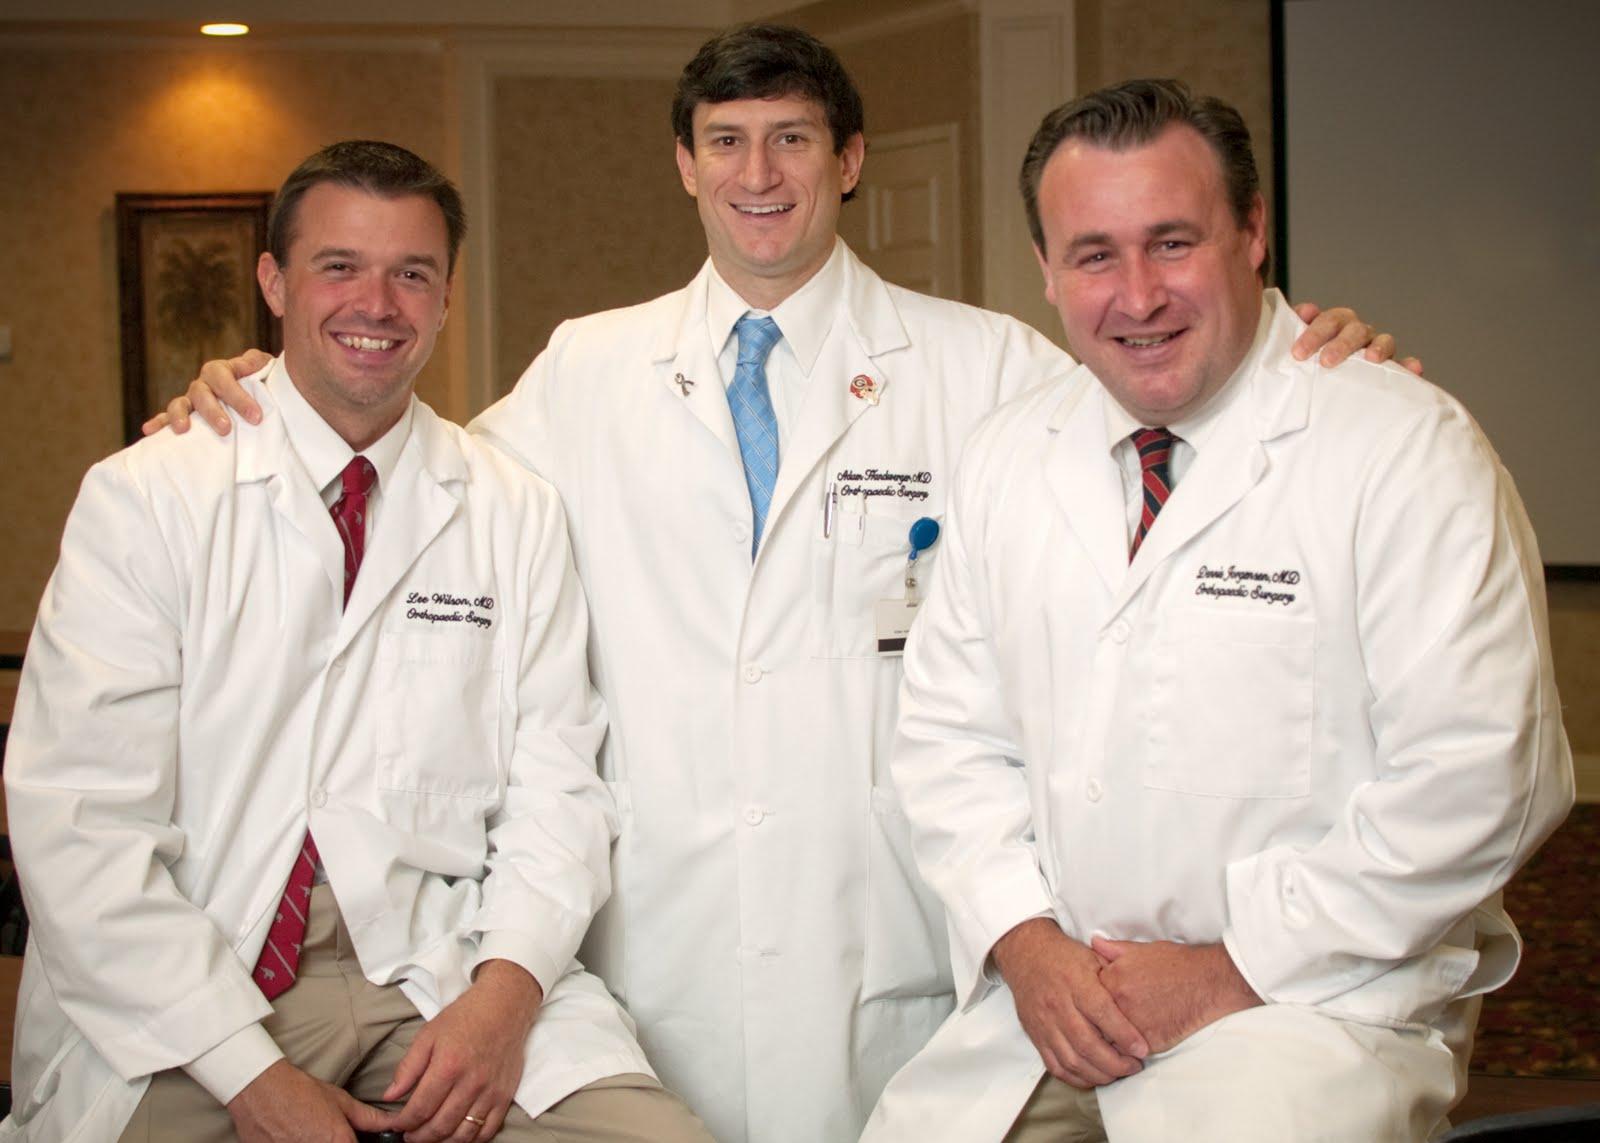 Med School Watercooler: Orthopaedic Residency Program Graduates